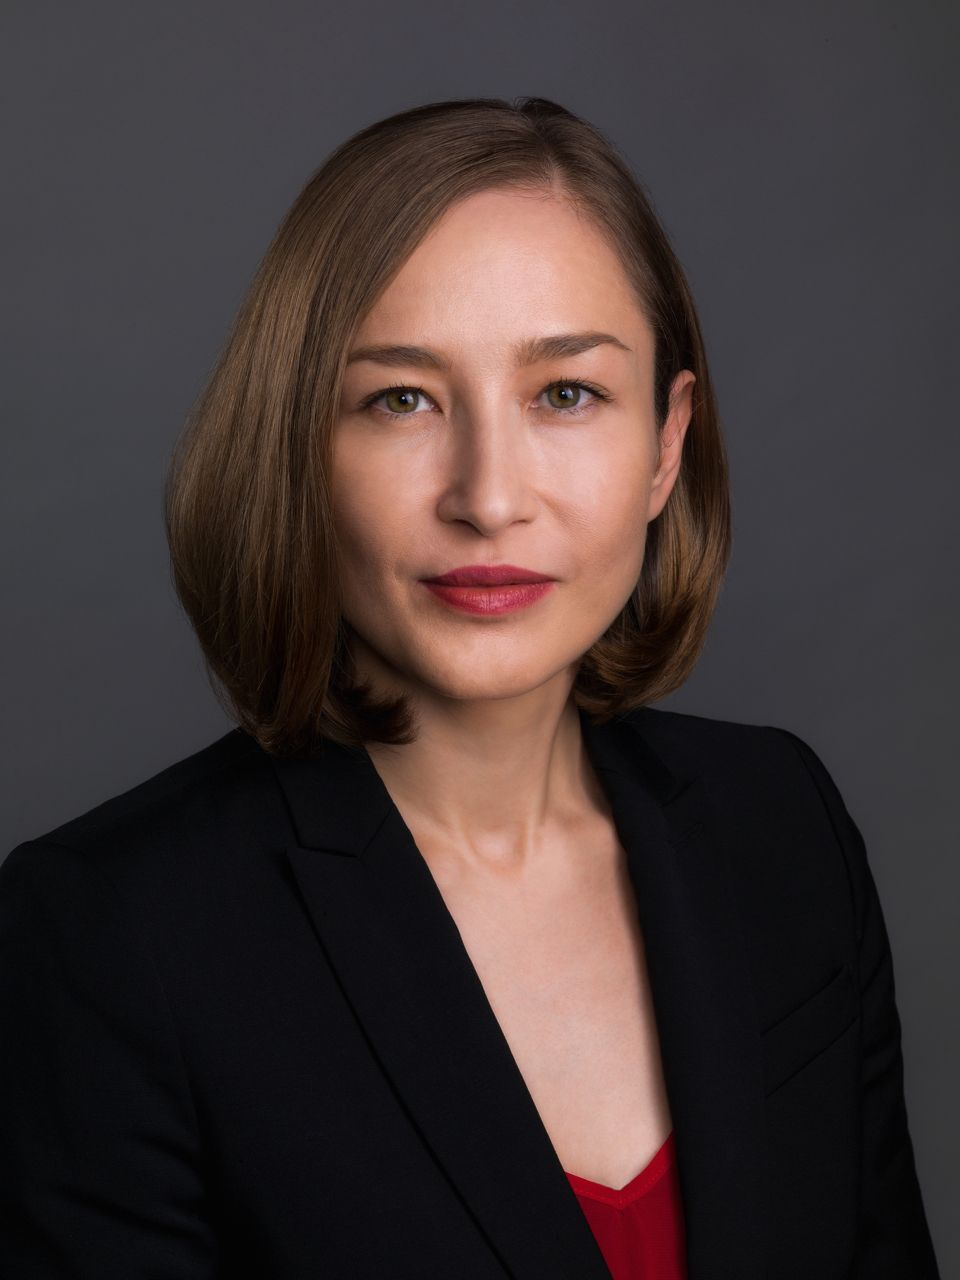 FØLGER RUSSISKE REAKSJONER: Russland-ekspert Katarzyna Zysk ved Institutt for forsvarsstudier følger med på hvordan russiske myndigheter uttaler seg om NATO-øvelsen Trident Juncture.